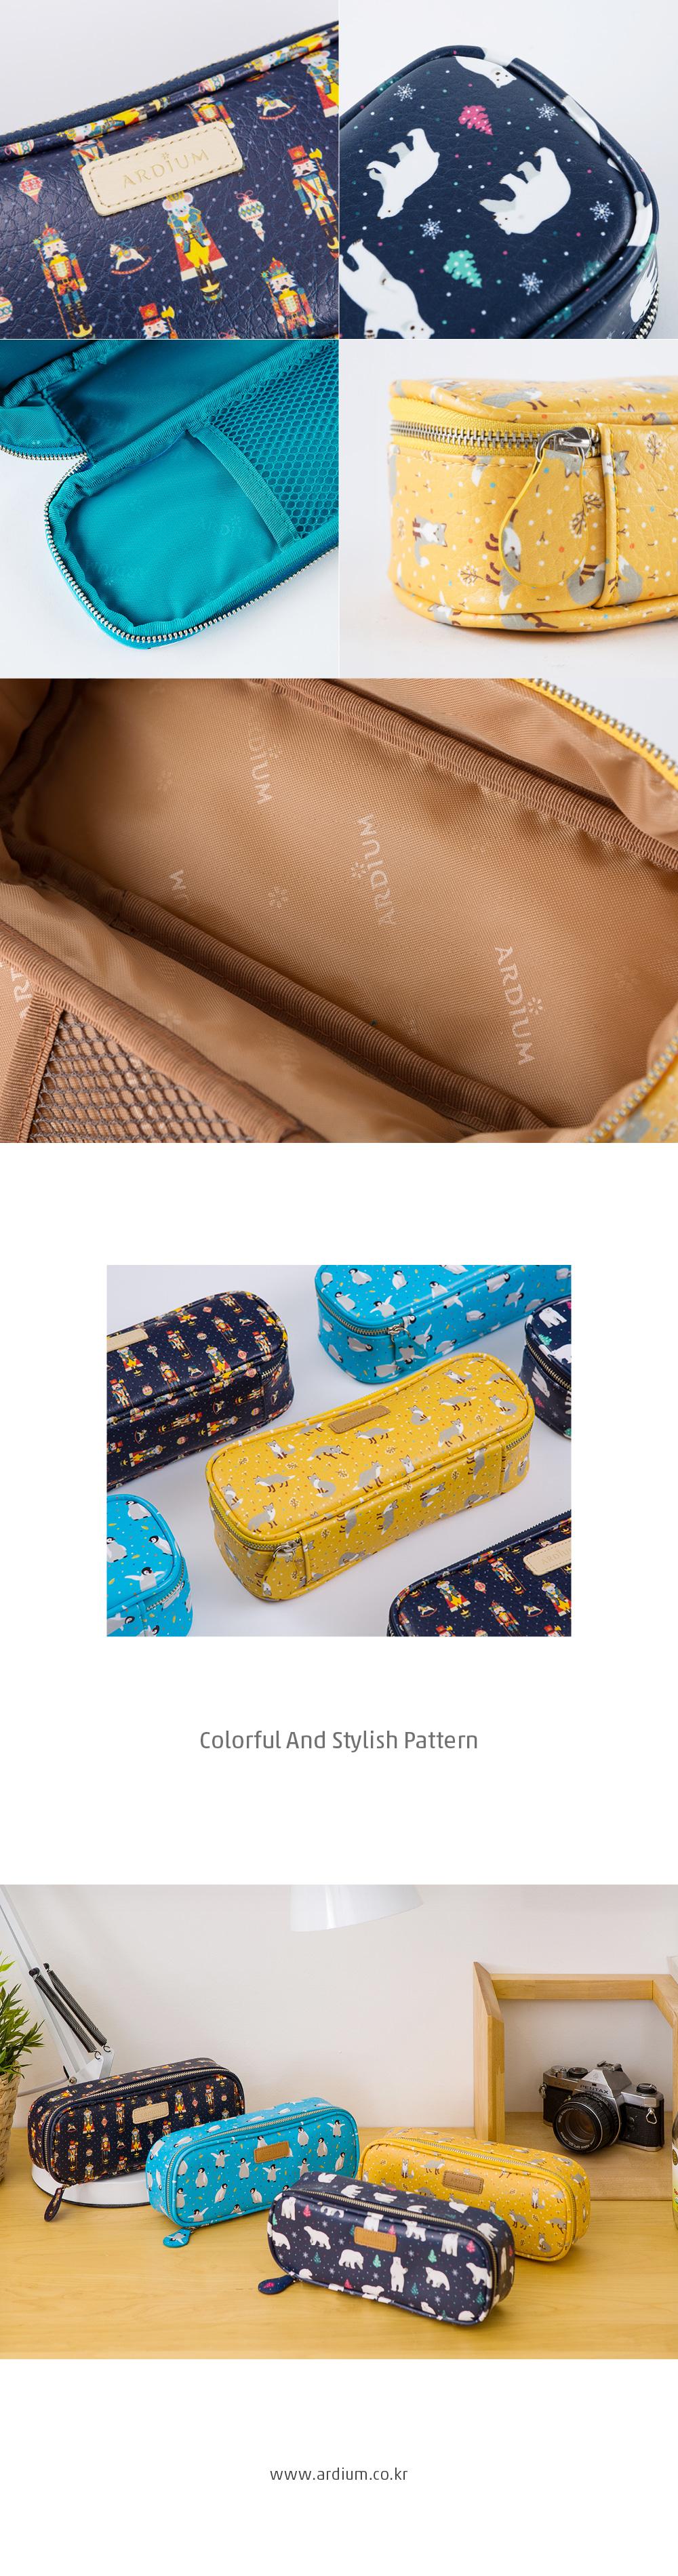 애니멀 블록 펜슬 파우치 - 아르디움, 16,800원, 가죽/합성피혁필통, 패턴